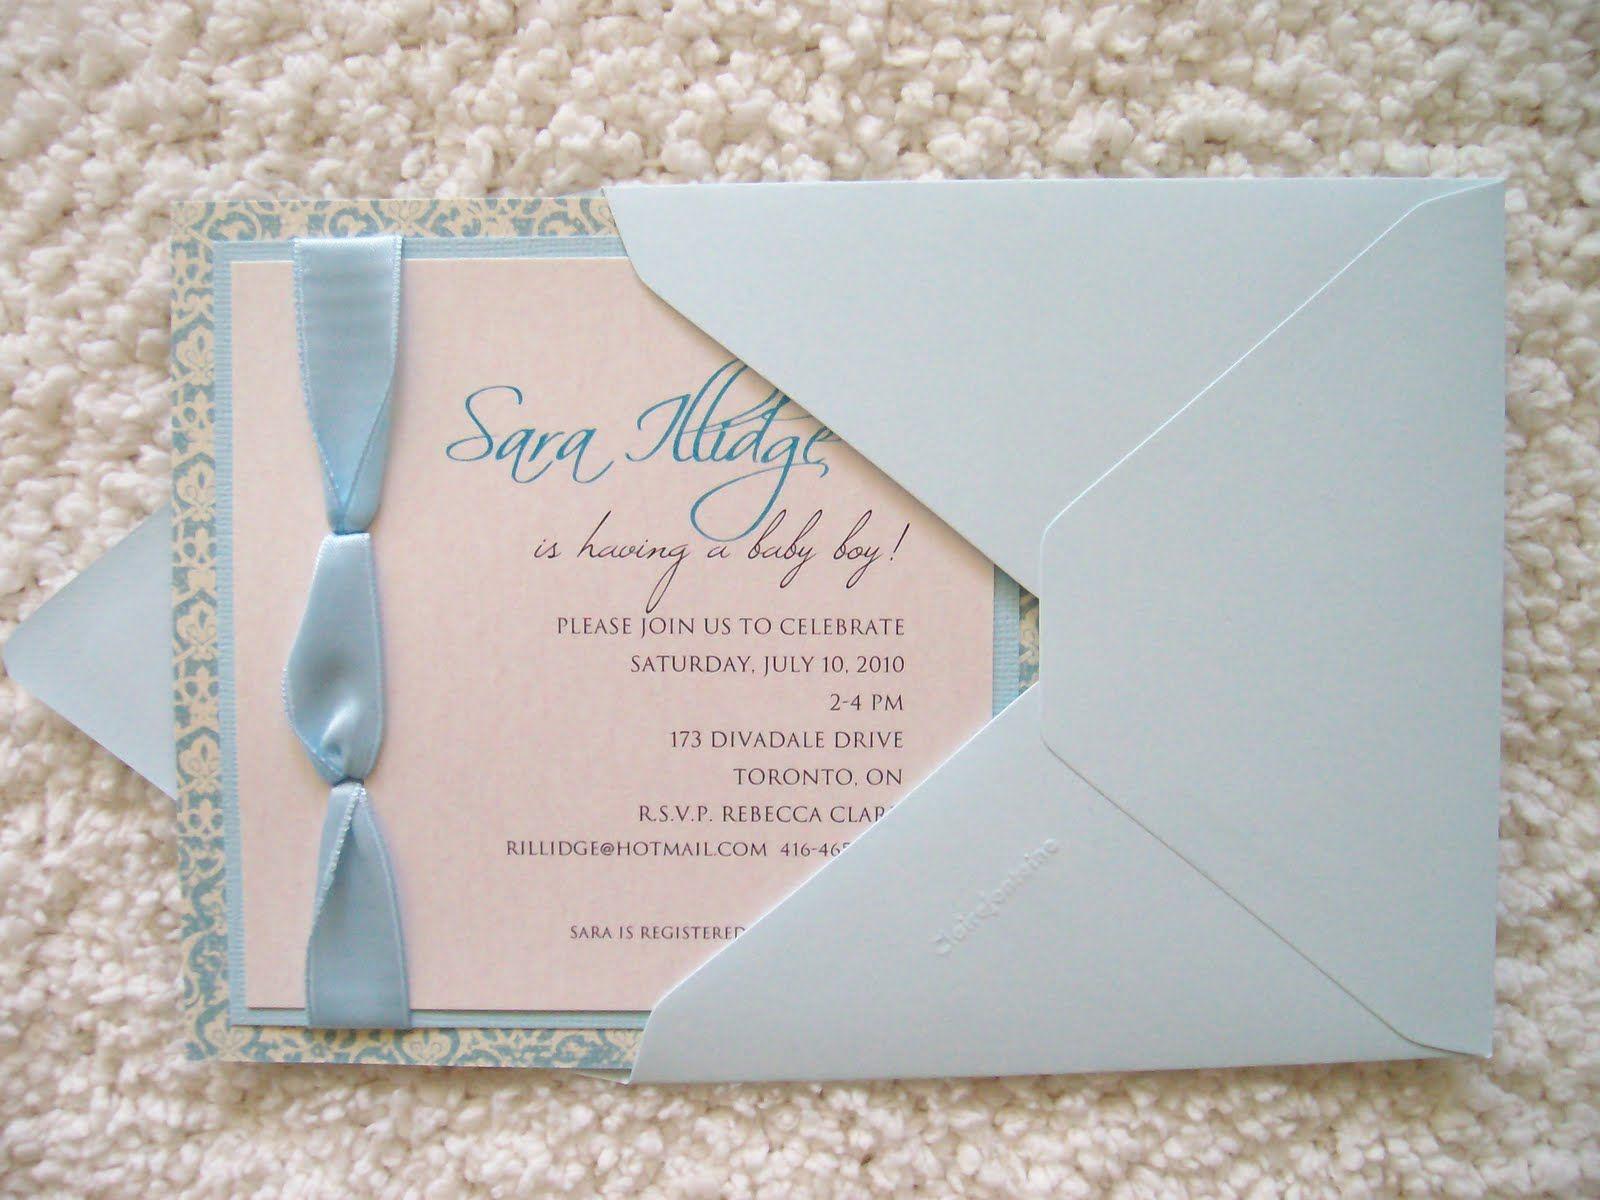 Baby Shower Invitations, Elegant Baby Shower Invitations Envelope ...